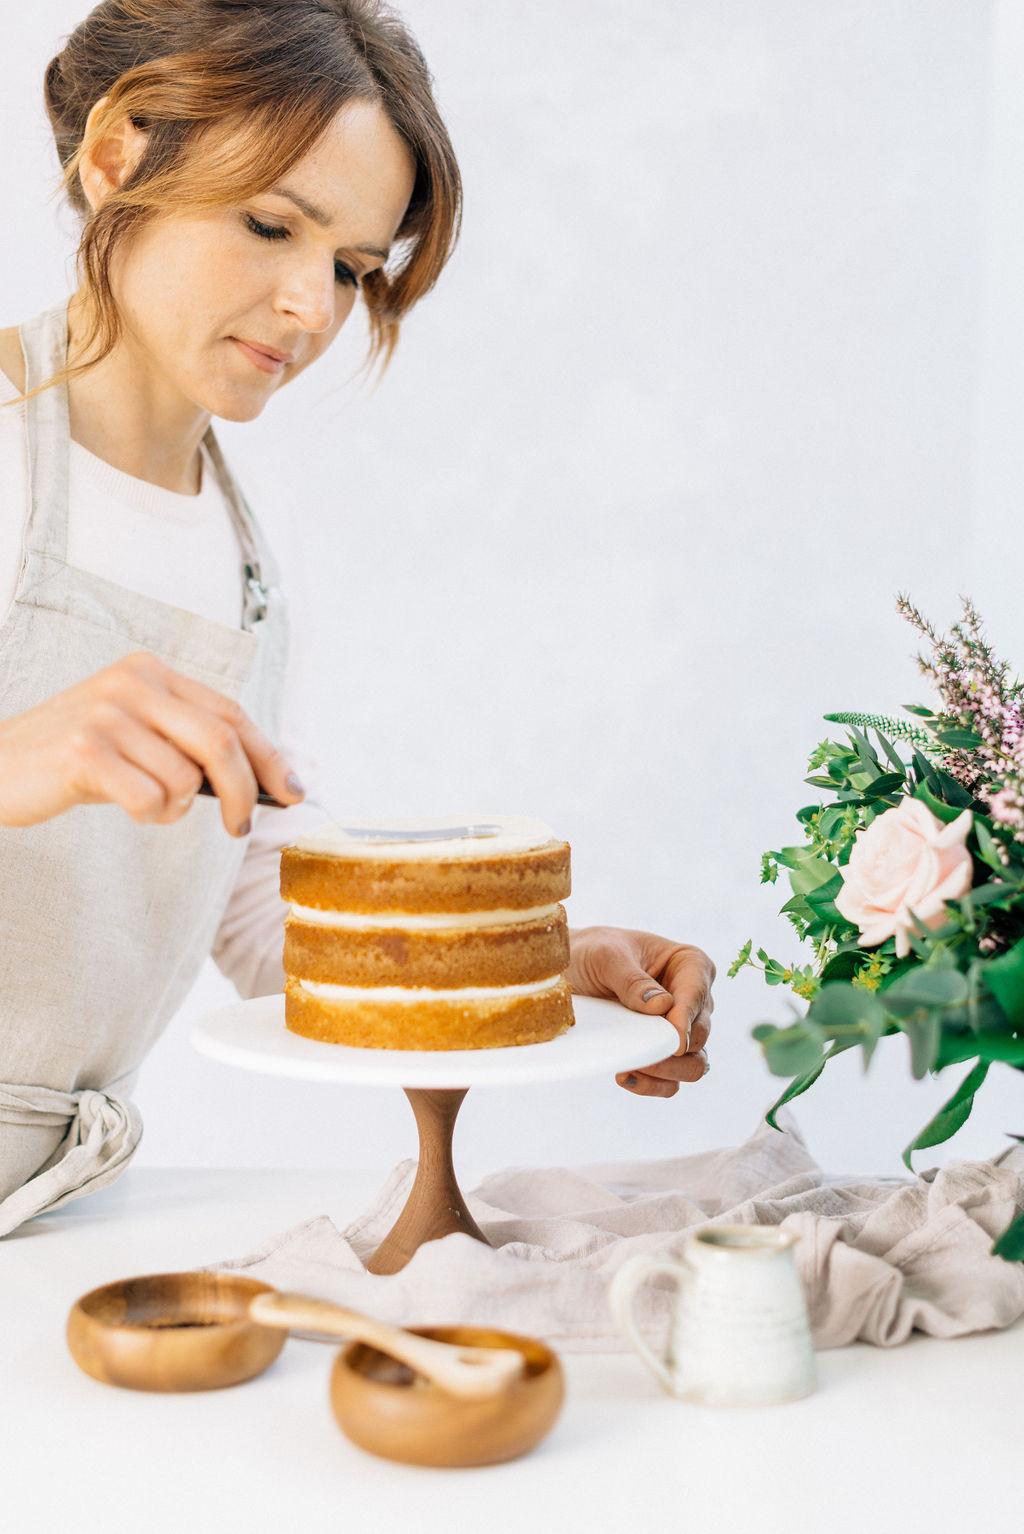 Suzanne Brady Cove Cake Design